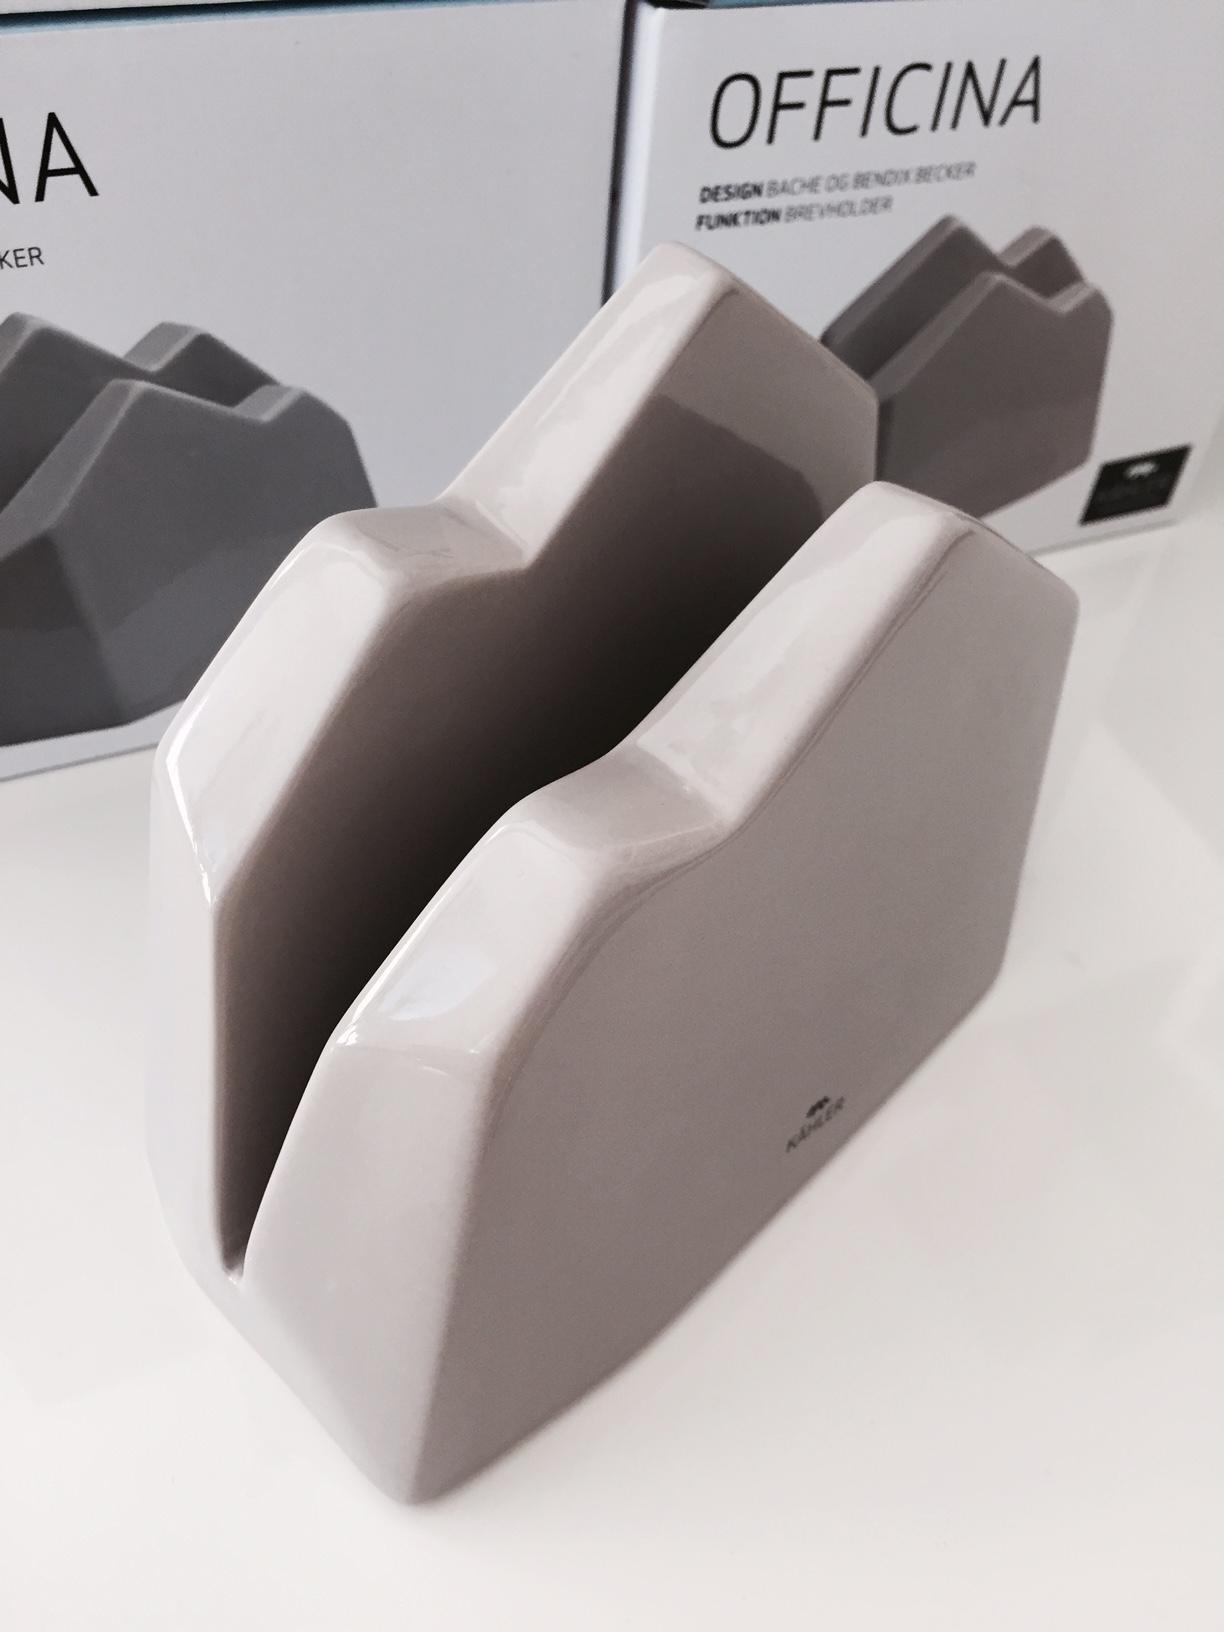 KÄHLER OFFICINA brevhållare - När design är som bäst!